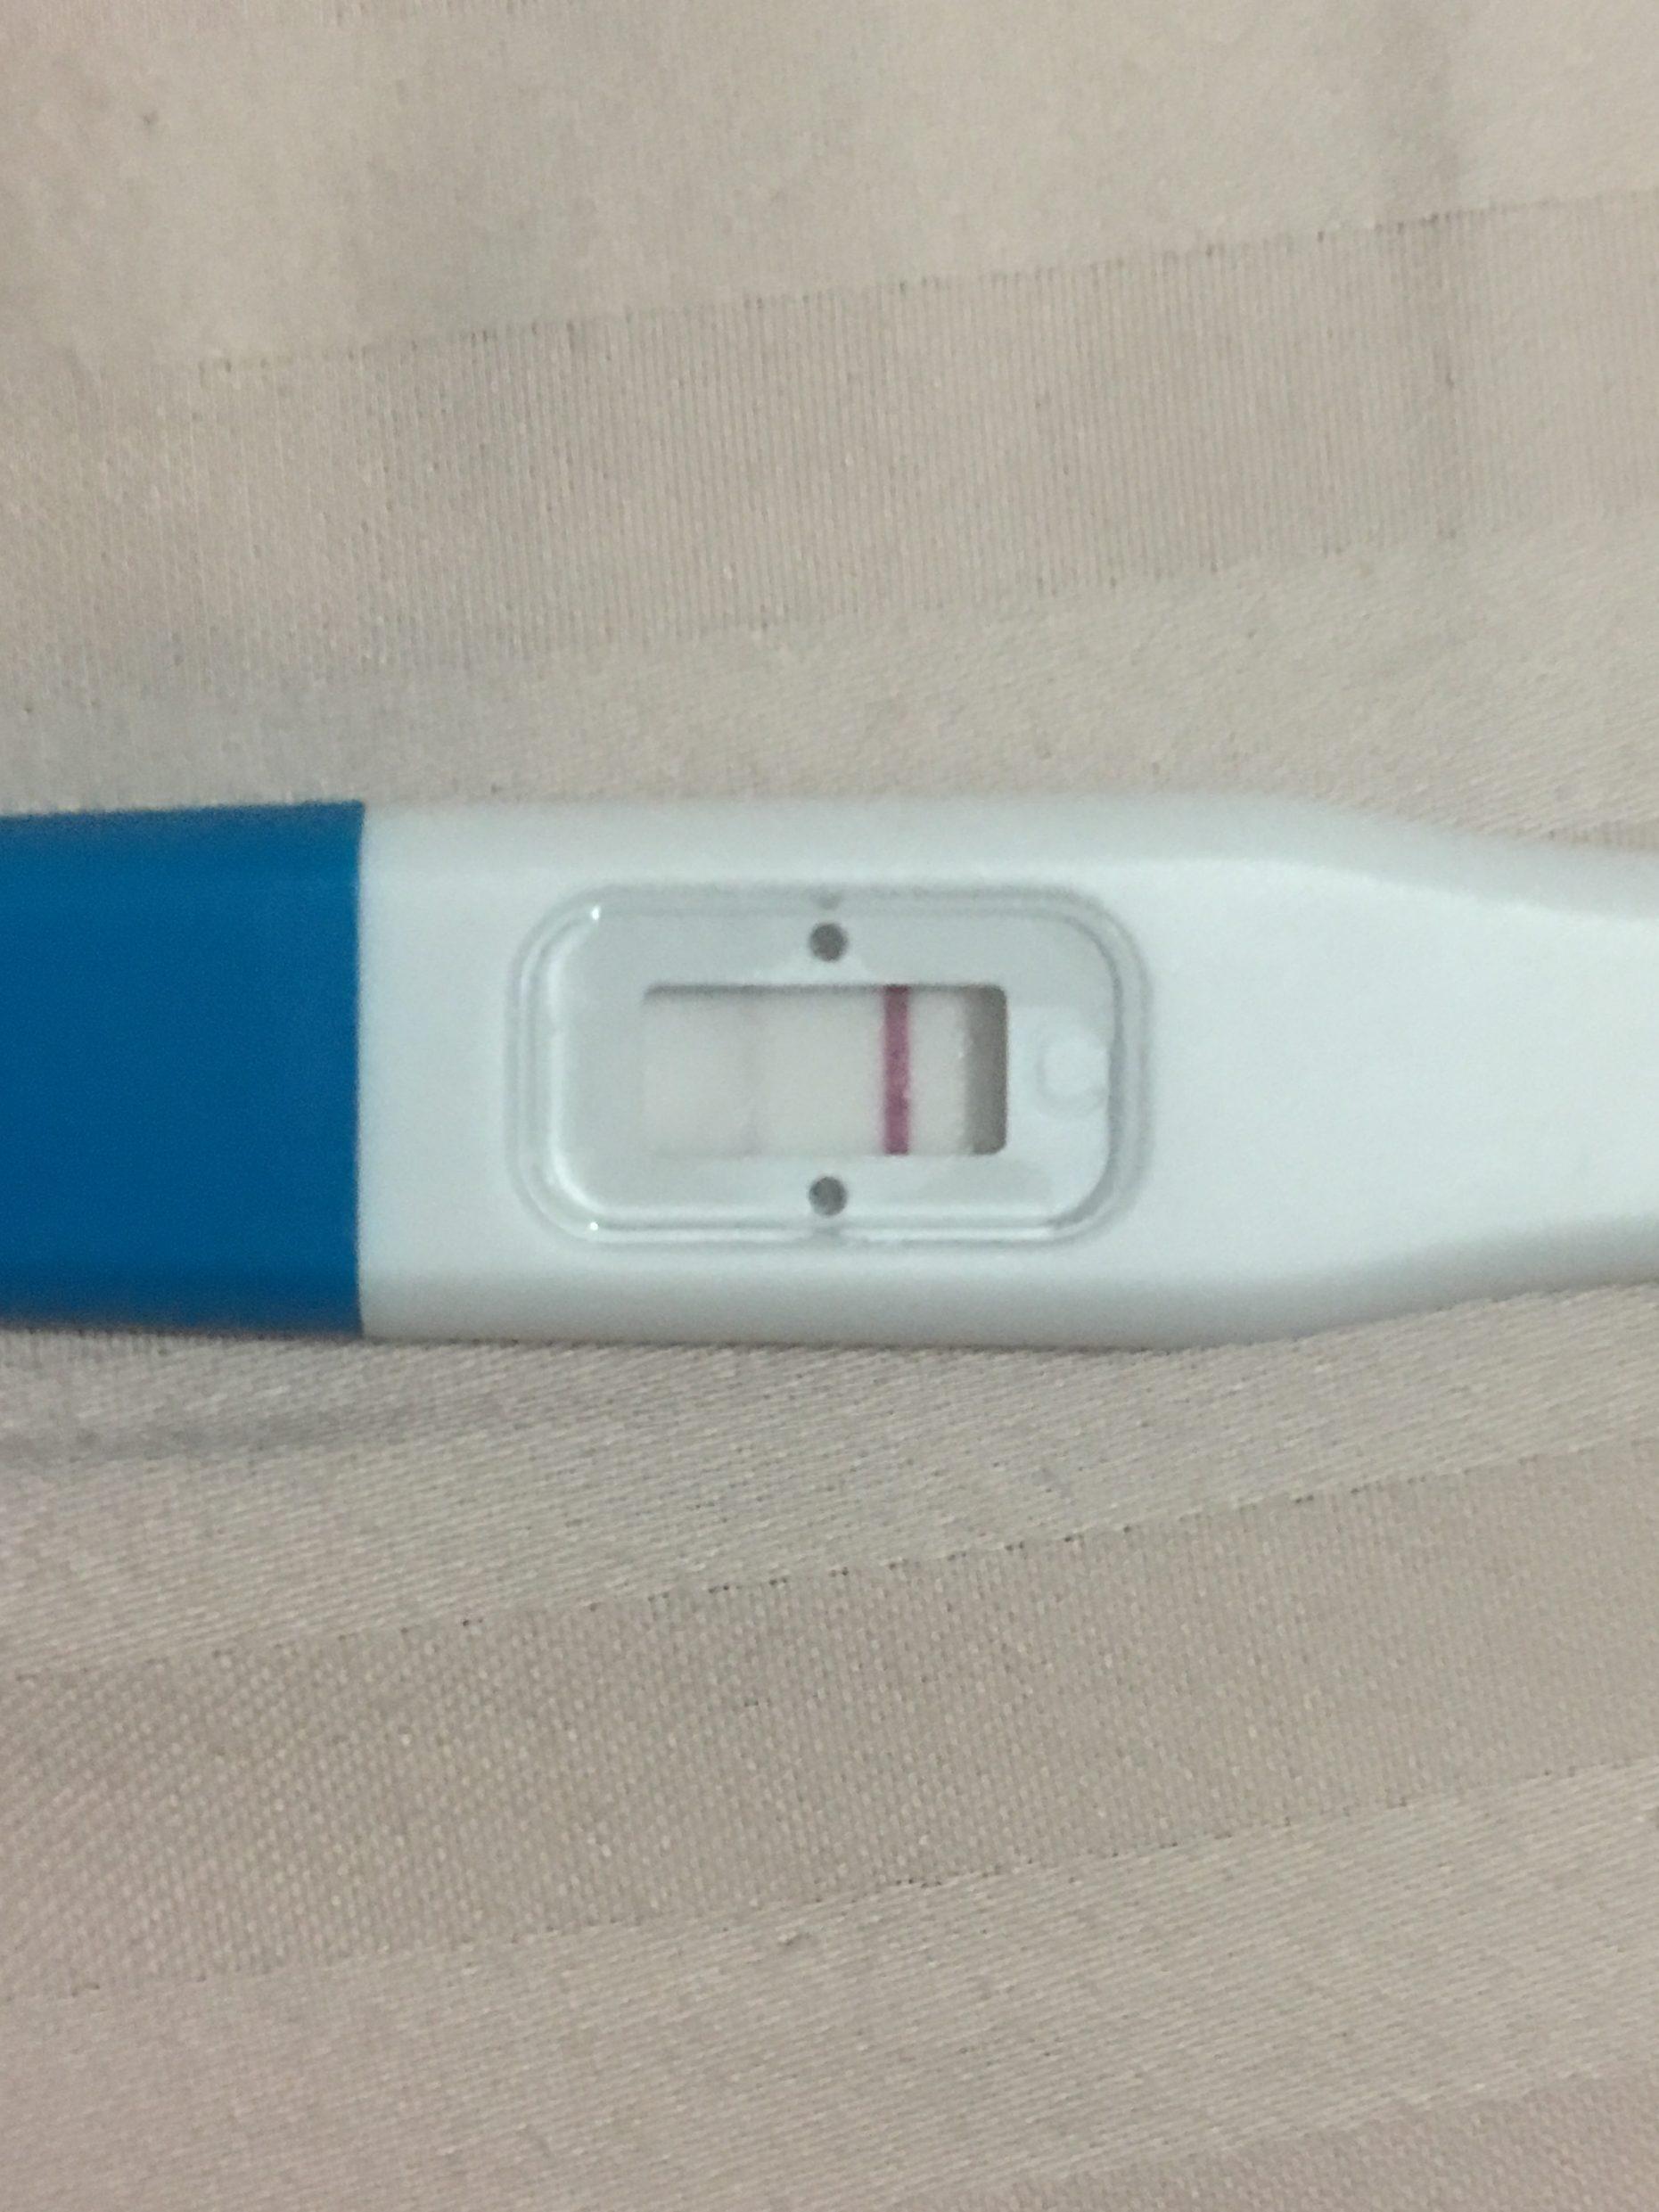 Imagem de teste de gravidez feita no 10º dia.